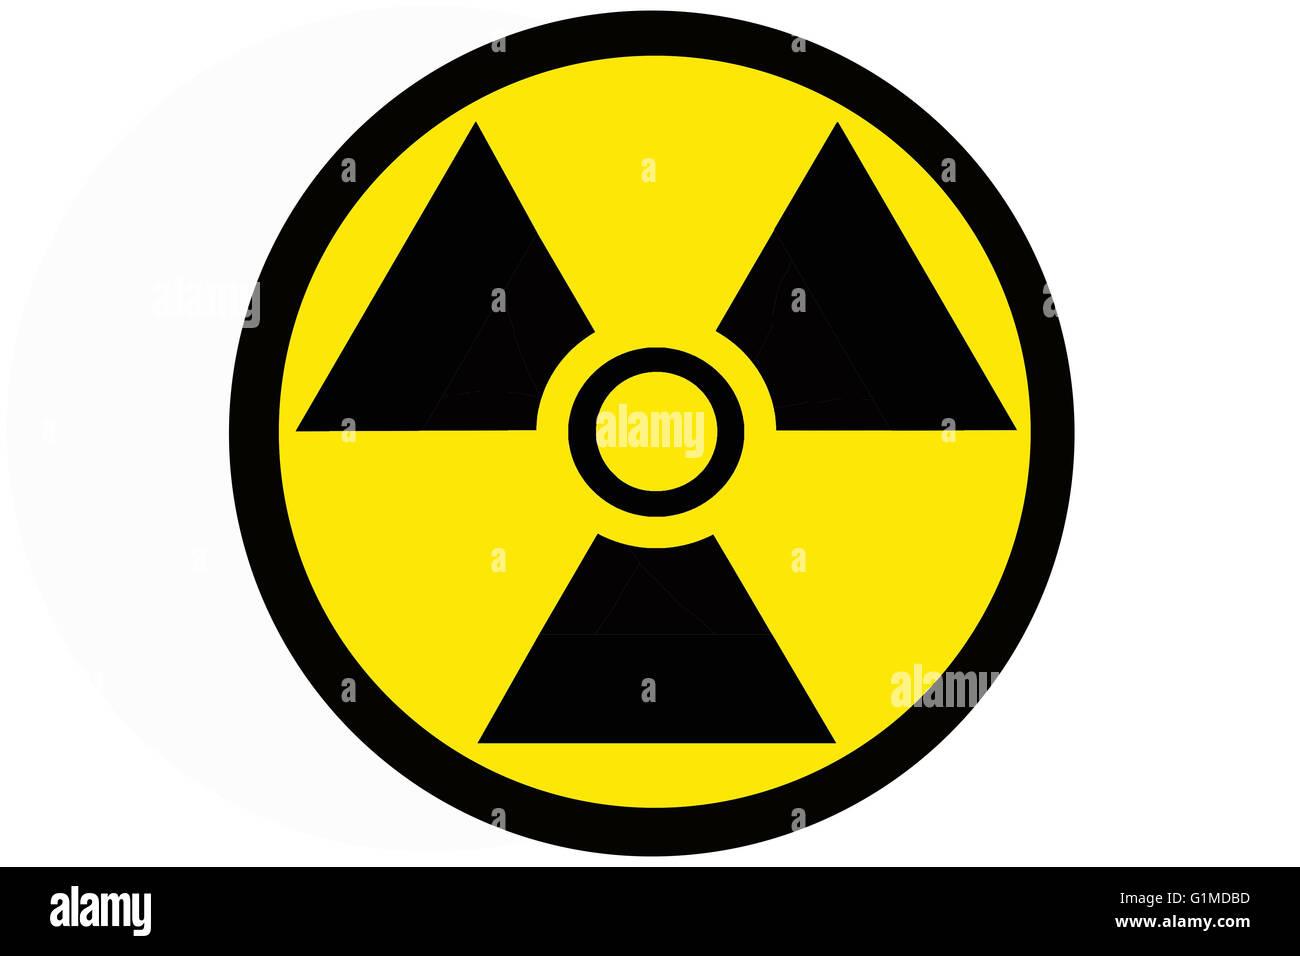 Circular shaped radiation warning sign or badge - Stock Image